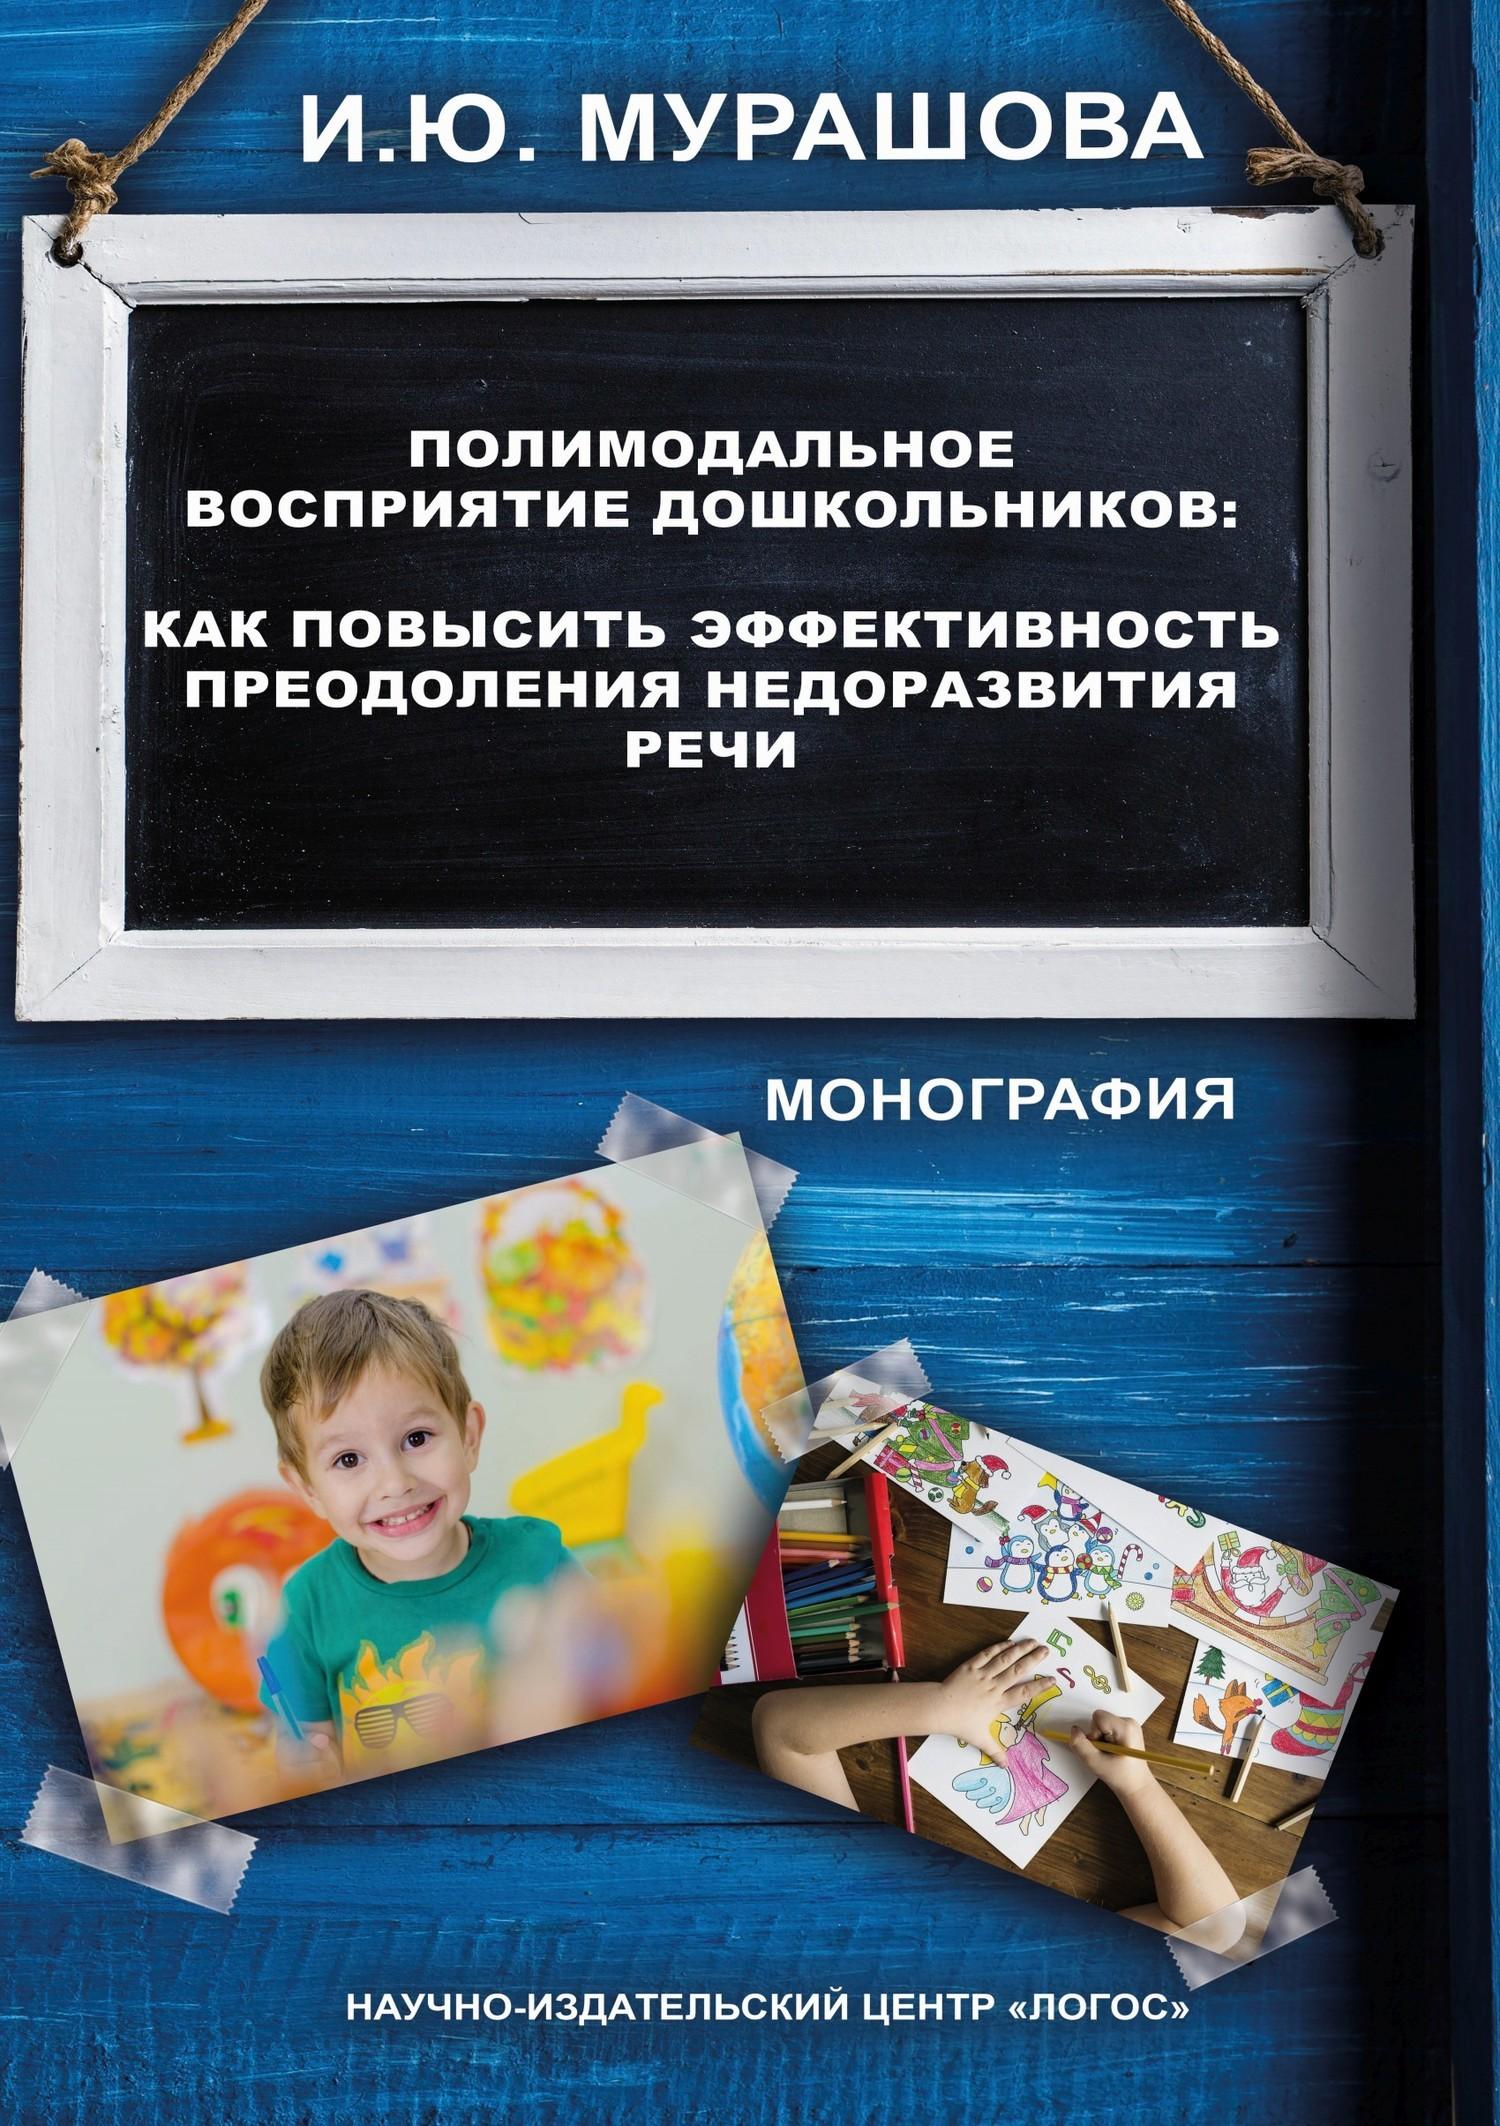 Ирина Мурашова - Полимодальное восприятие дошкольников. Как повысить эффективность преодоления недоразвития речи